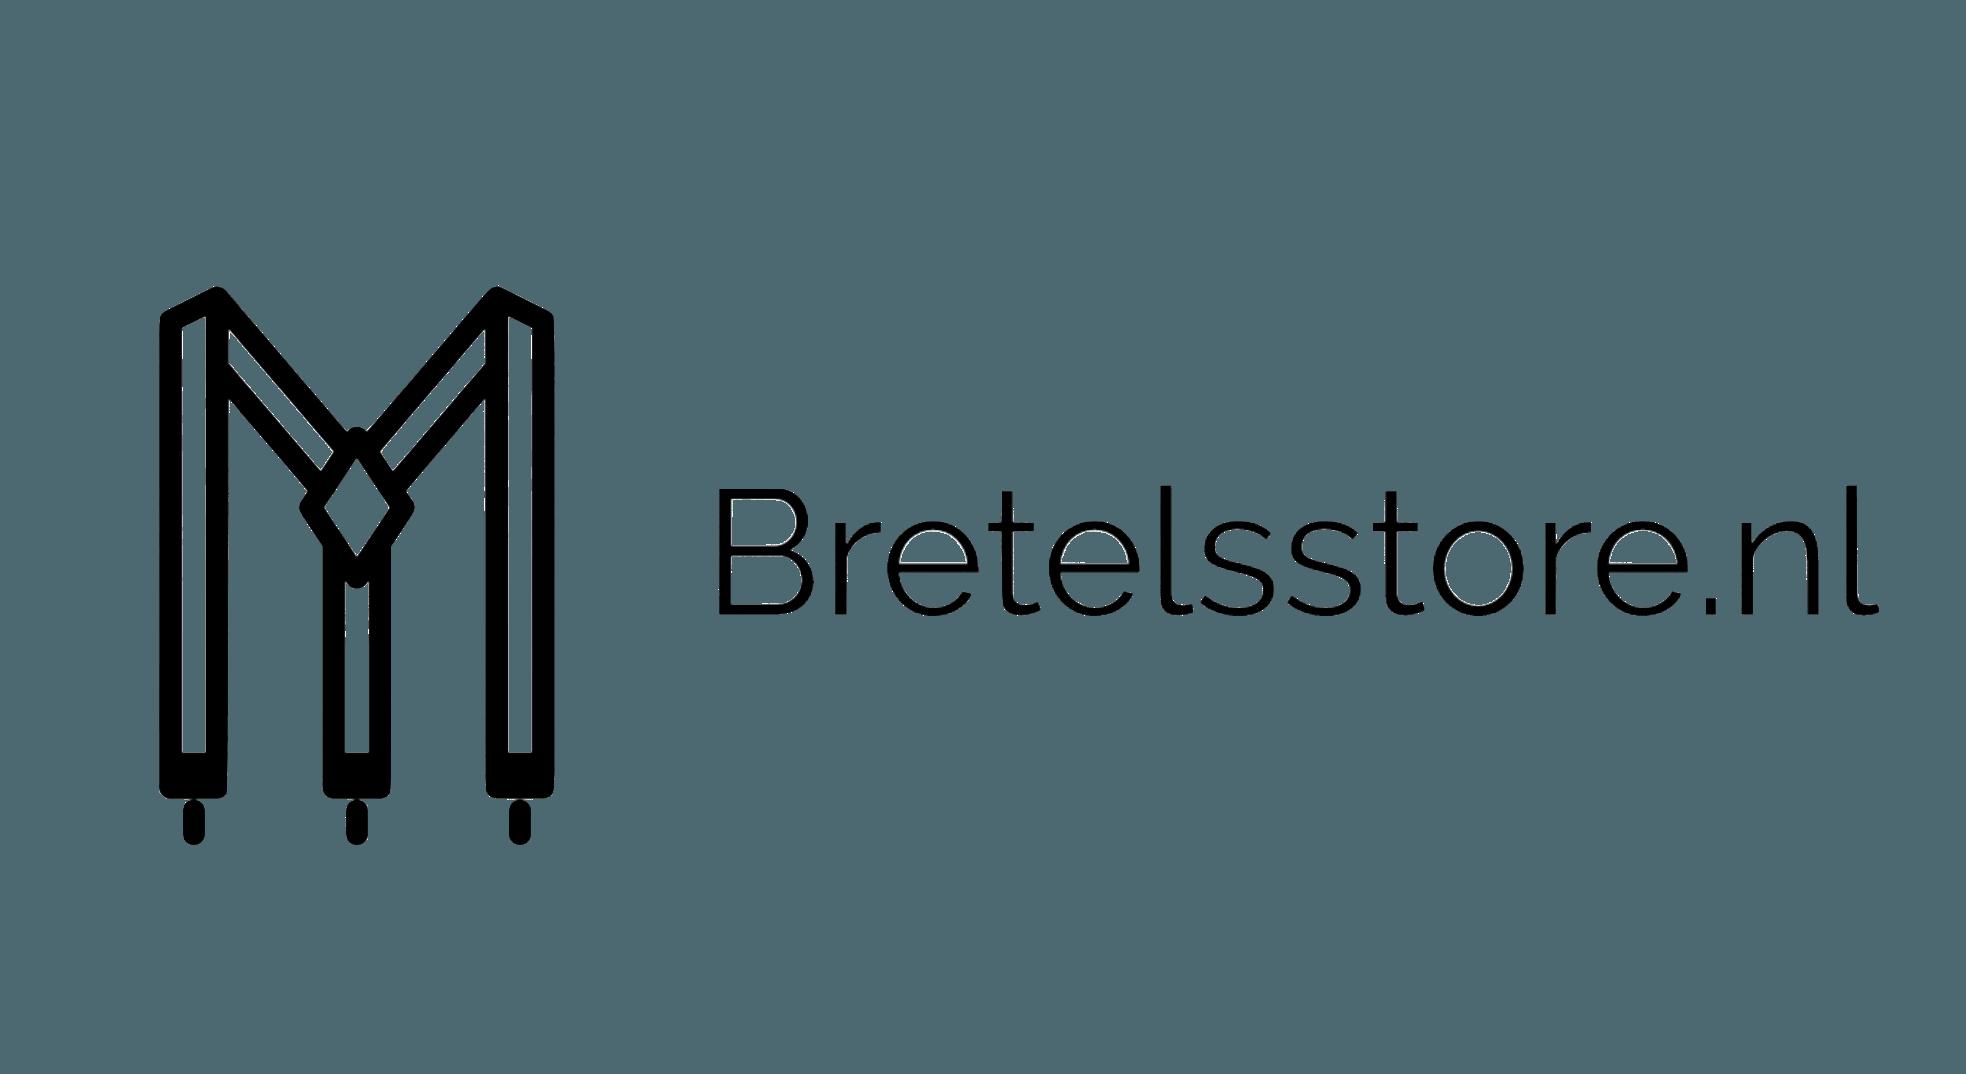 Bretelsstore.nl